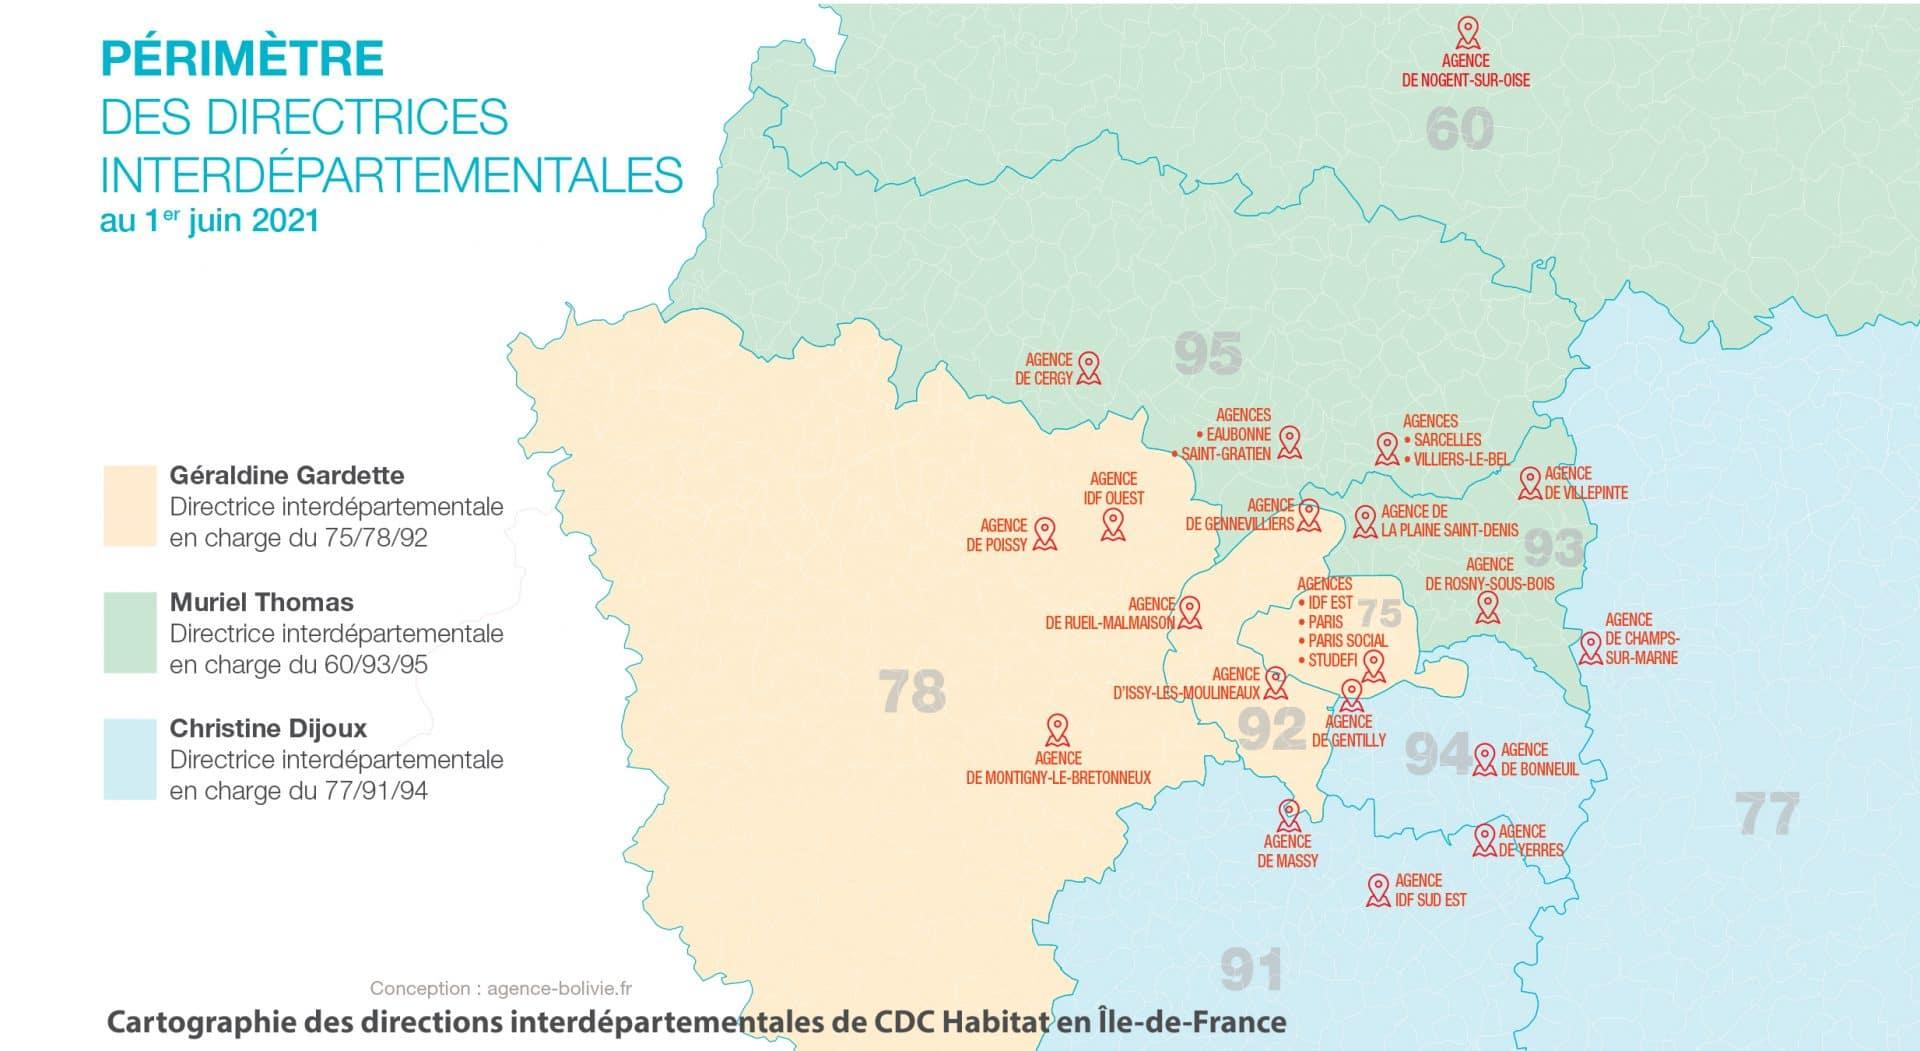 Trois directrices interdépartementales pour renforcer le lien avec les territoires